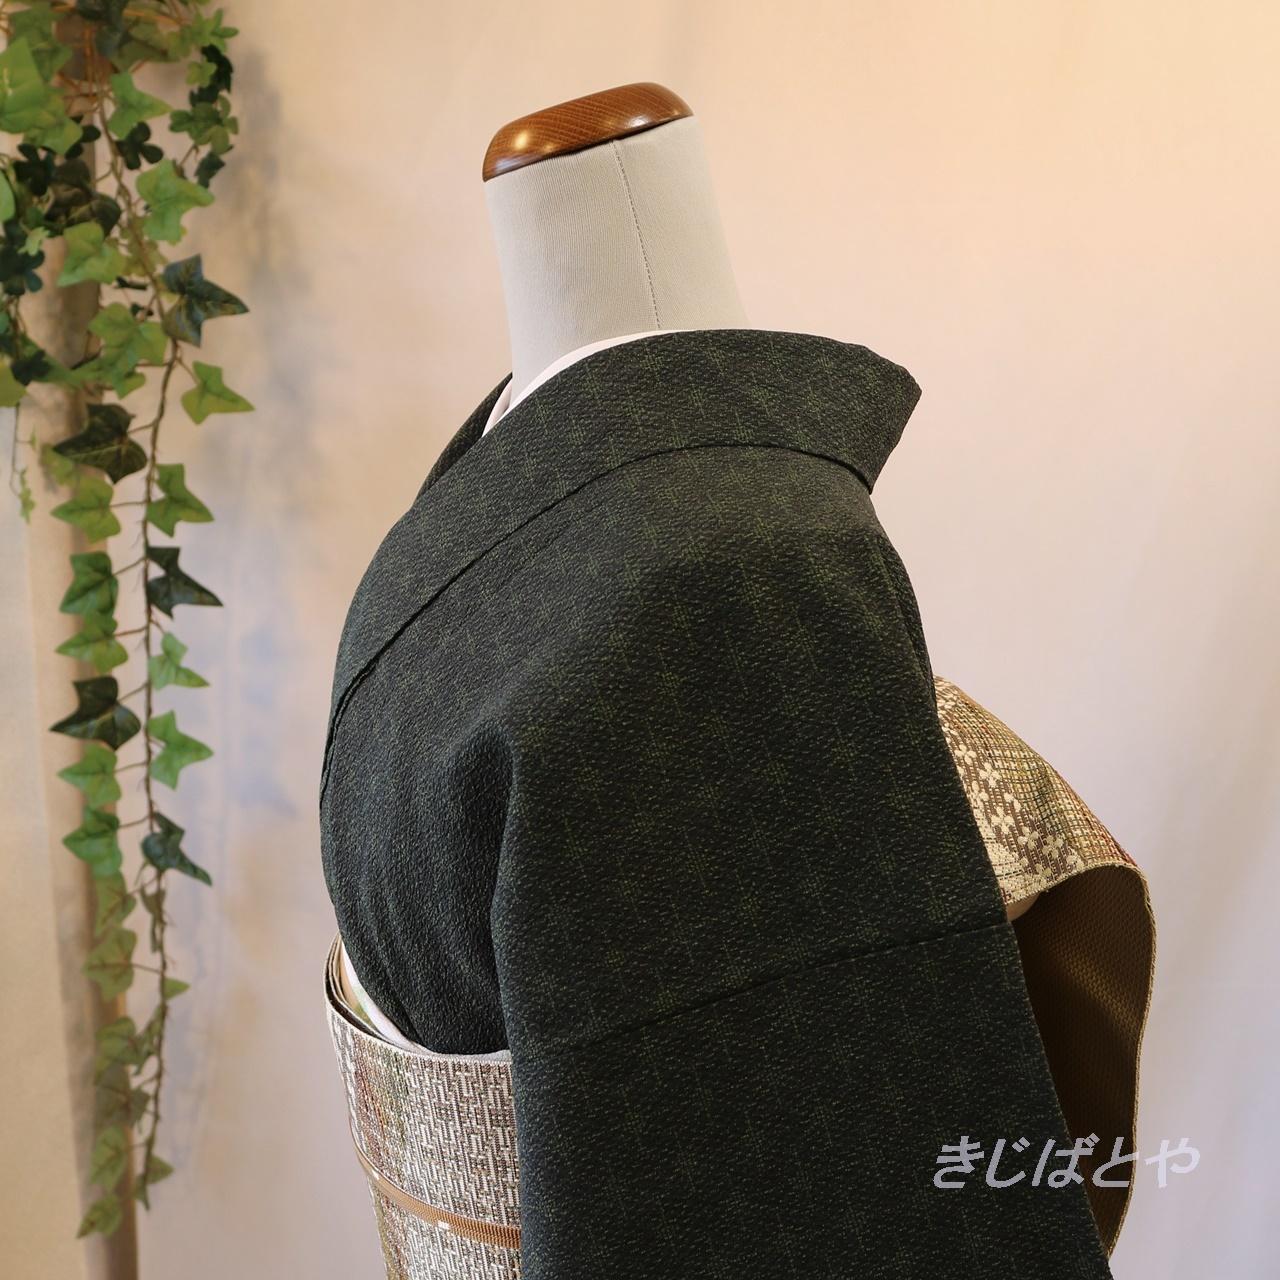 塩沢紬 黒橡(くろつるばみ)色の小紋 単衣